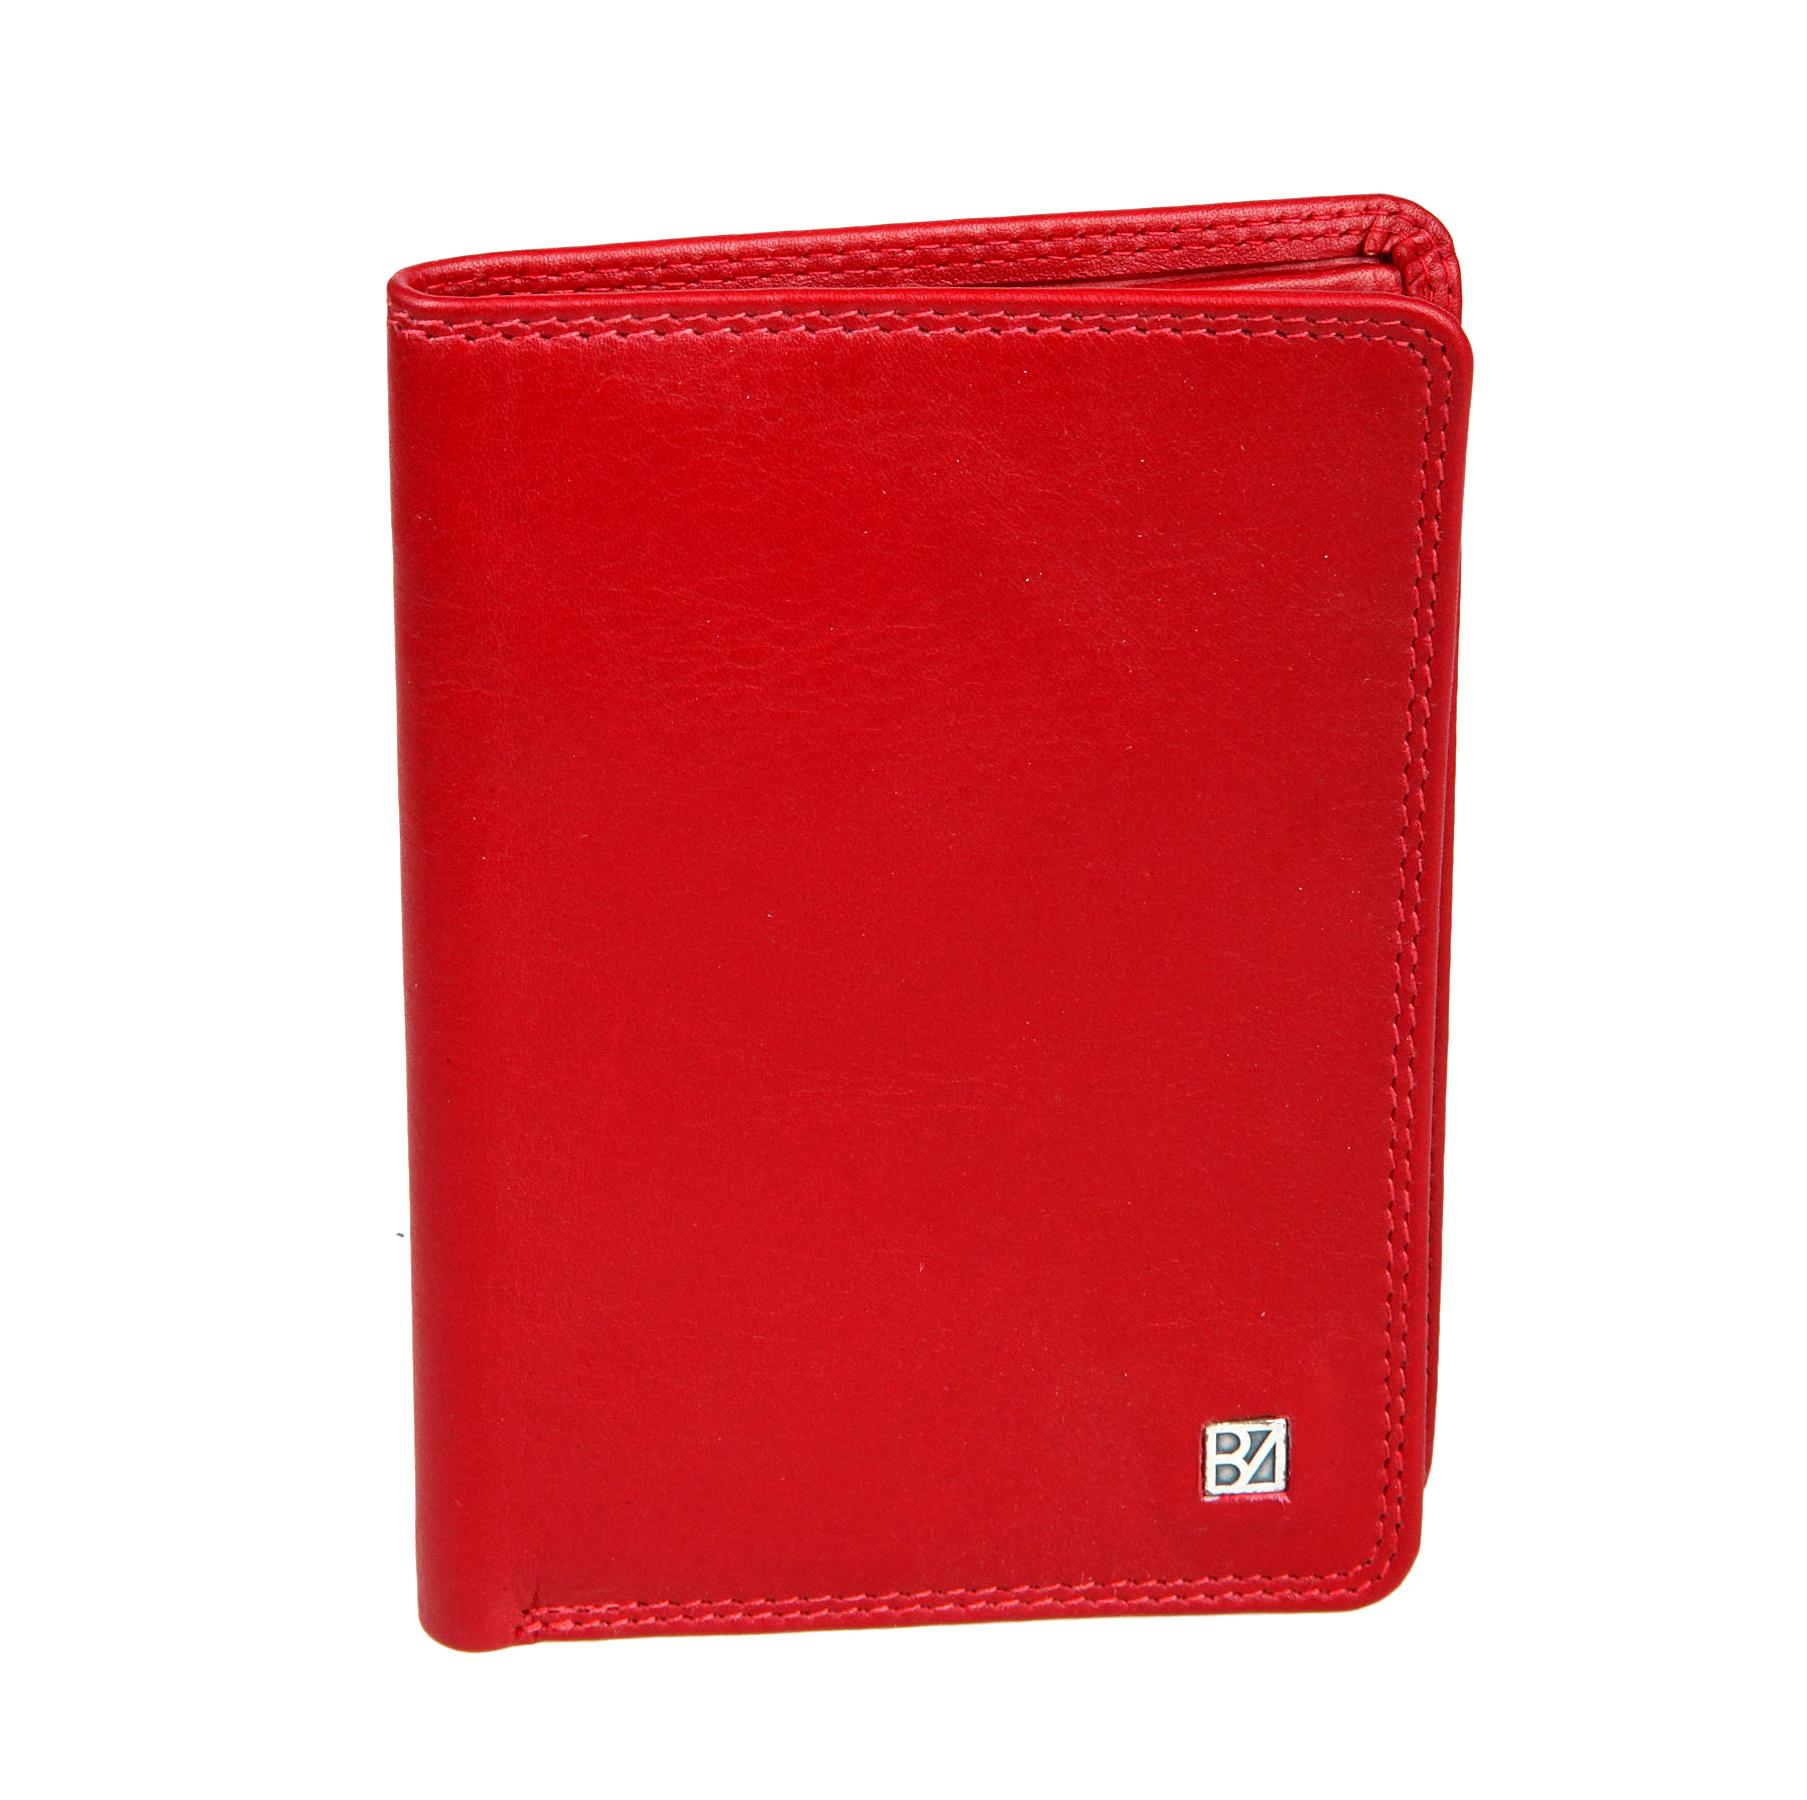 Портмоне женское Bodenschatz, цвет: красный. 8-840BM8434-58AEПортмоне женское Bodenschatz выполнено из натуральной кожи. Модель раскладывается пополам, внутри один отдел для купюр, один потайной карман, три кармашка для пластиковых карт, два кармашка для документов, один из них в сеточку.